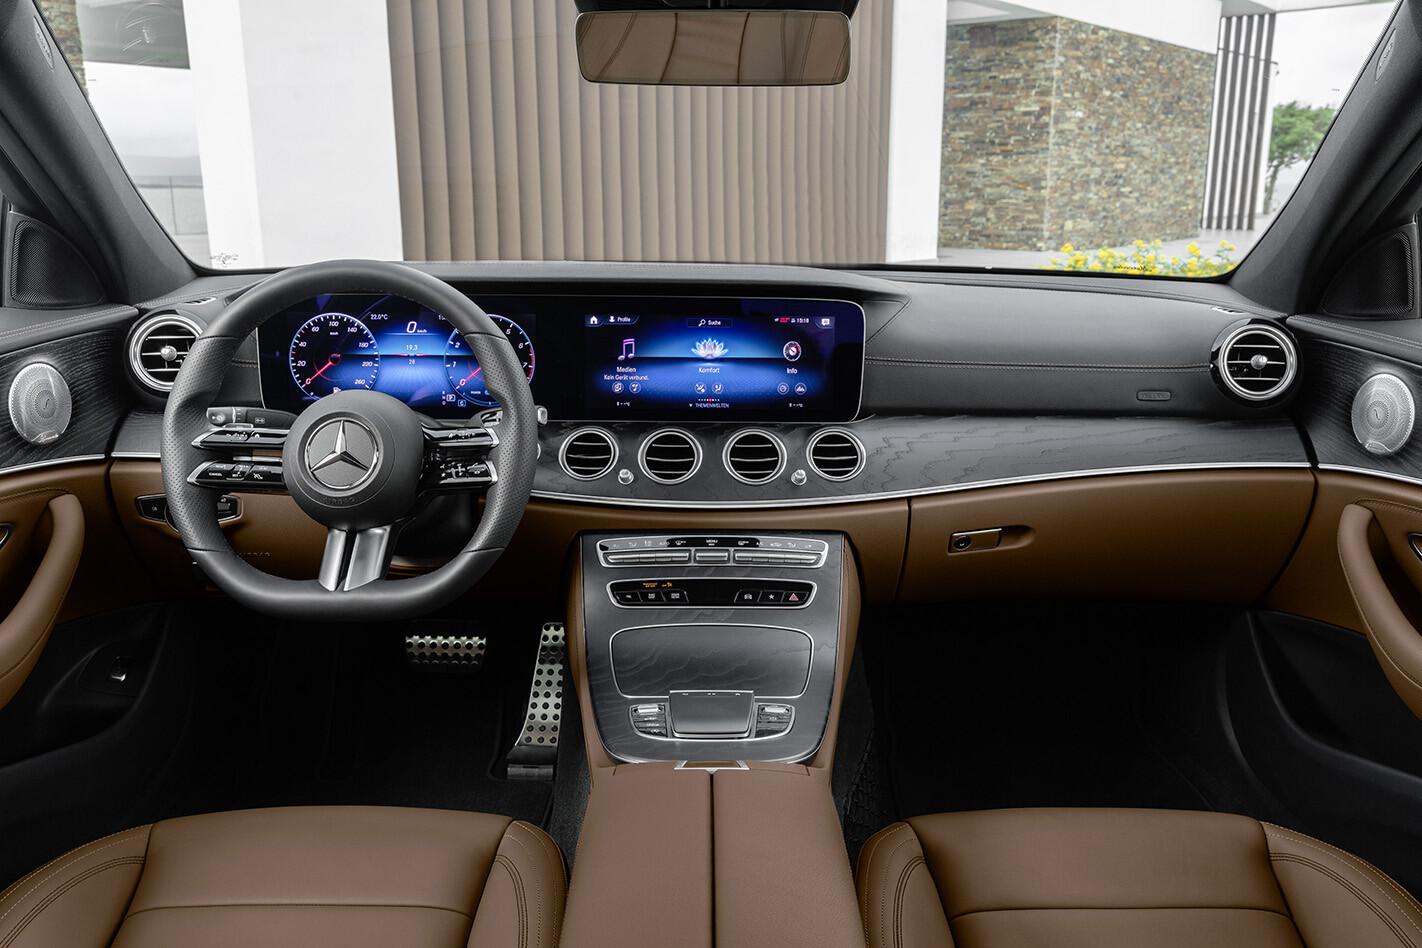 Mercedes-Benz E-Class 2020 facelift